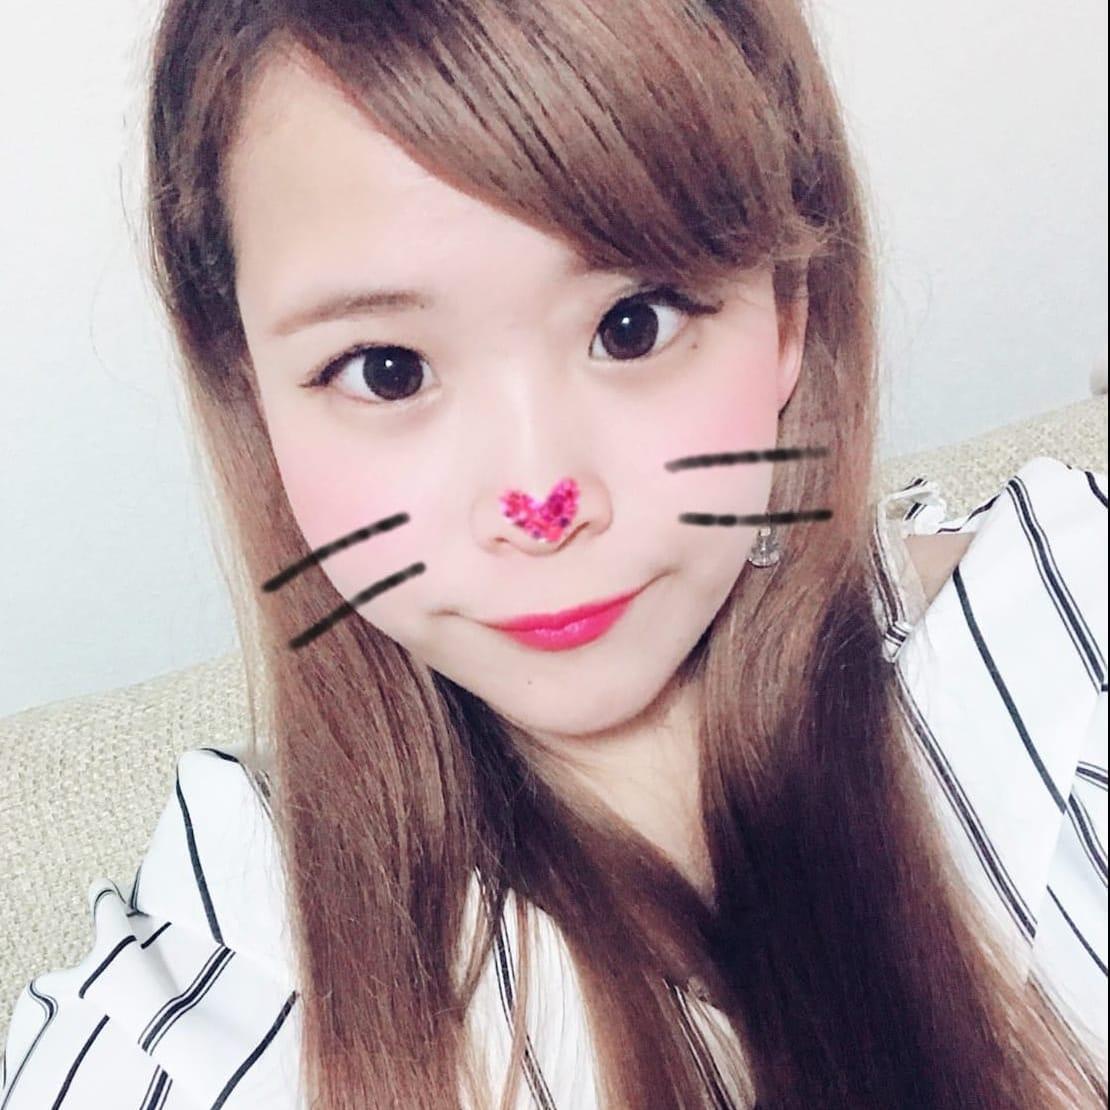 ゆな【今ドキ可愛い系の天然娘♡】 | Fukuyama Love Collection-ラブコレ-(福山)